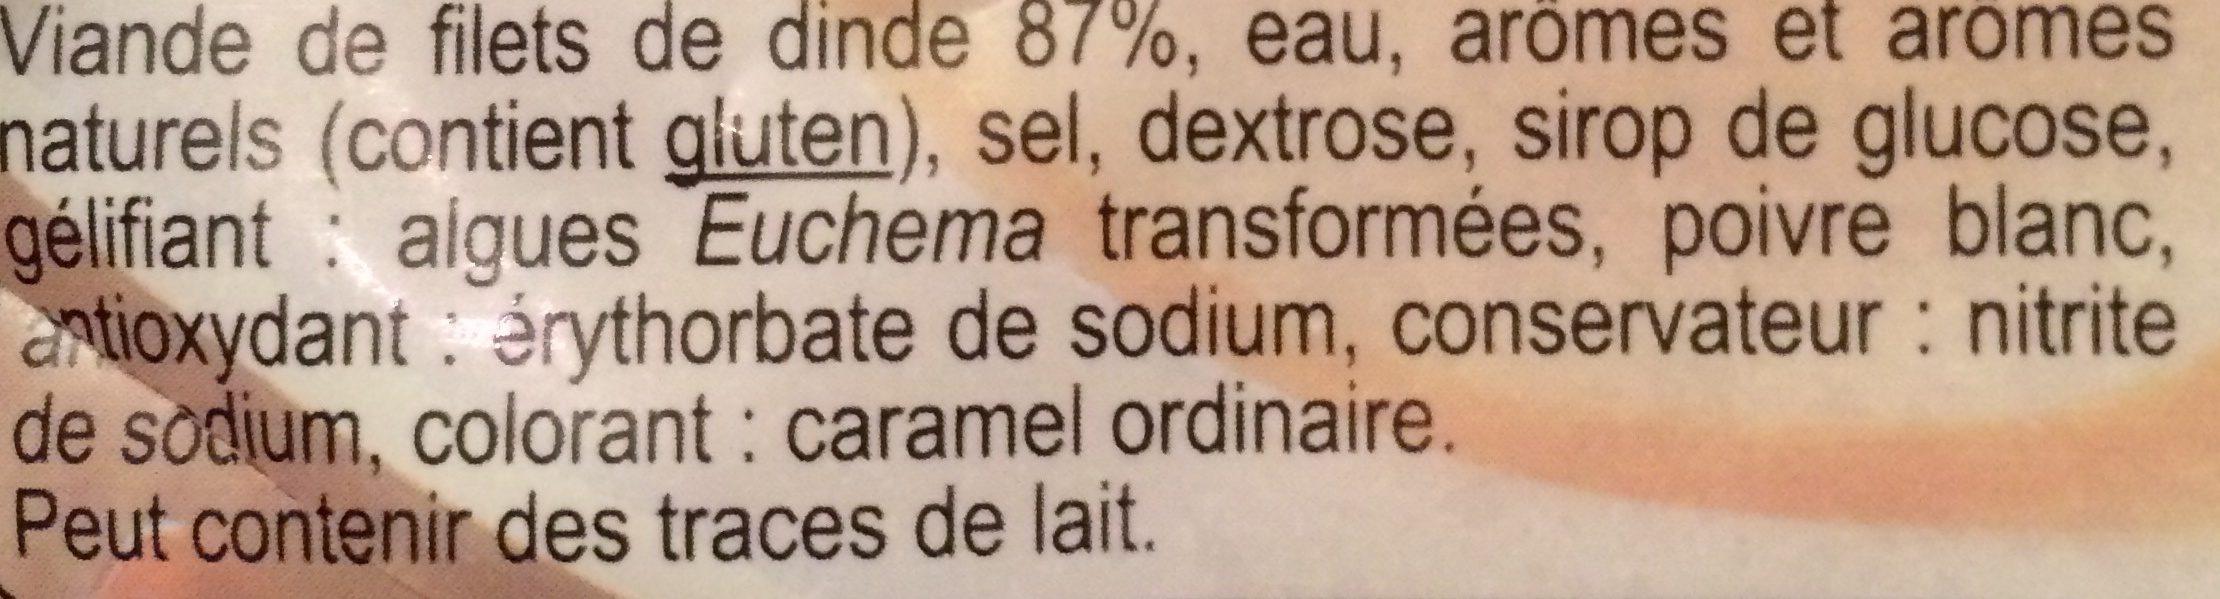 Blanc de Dinde - Ingredients